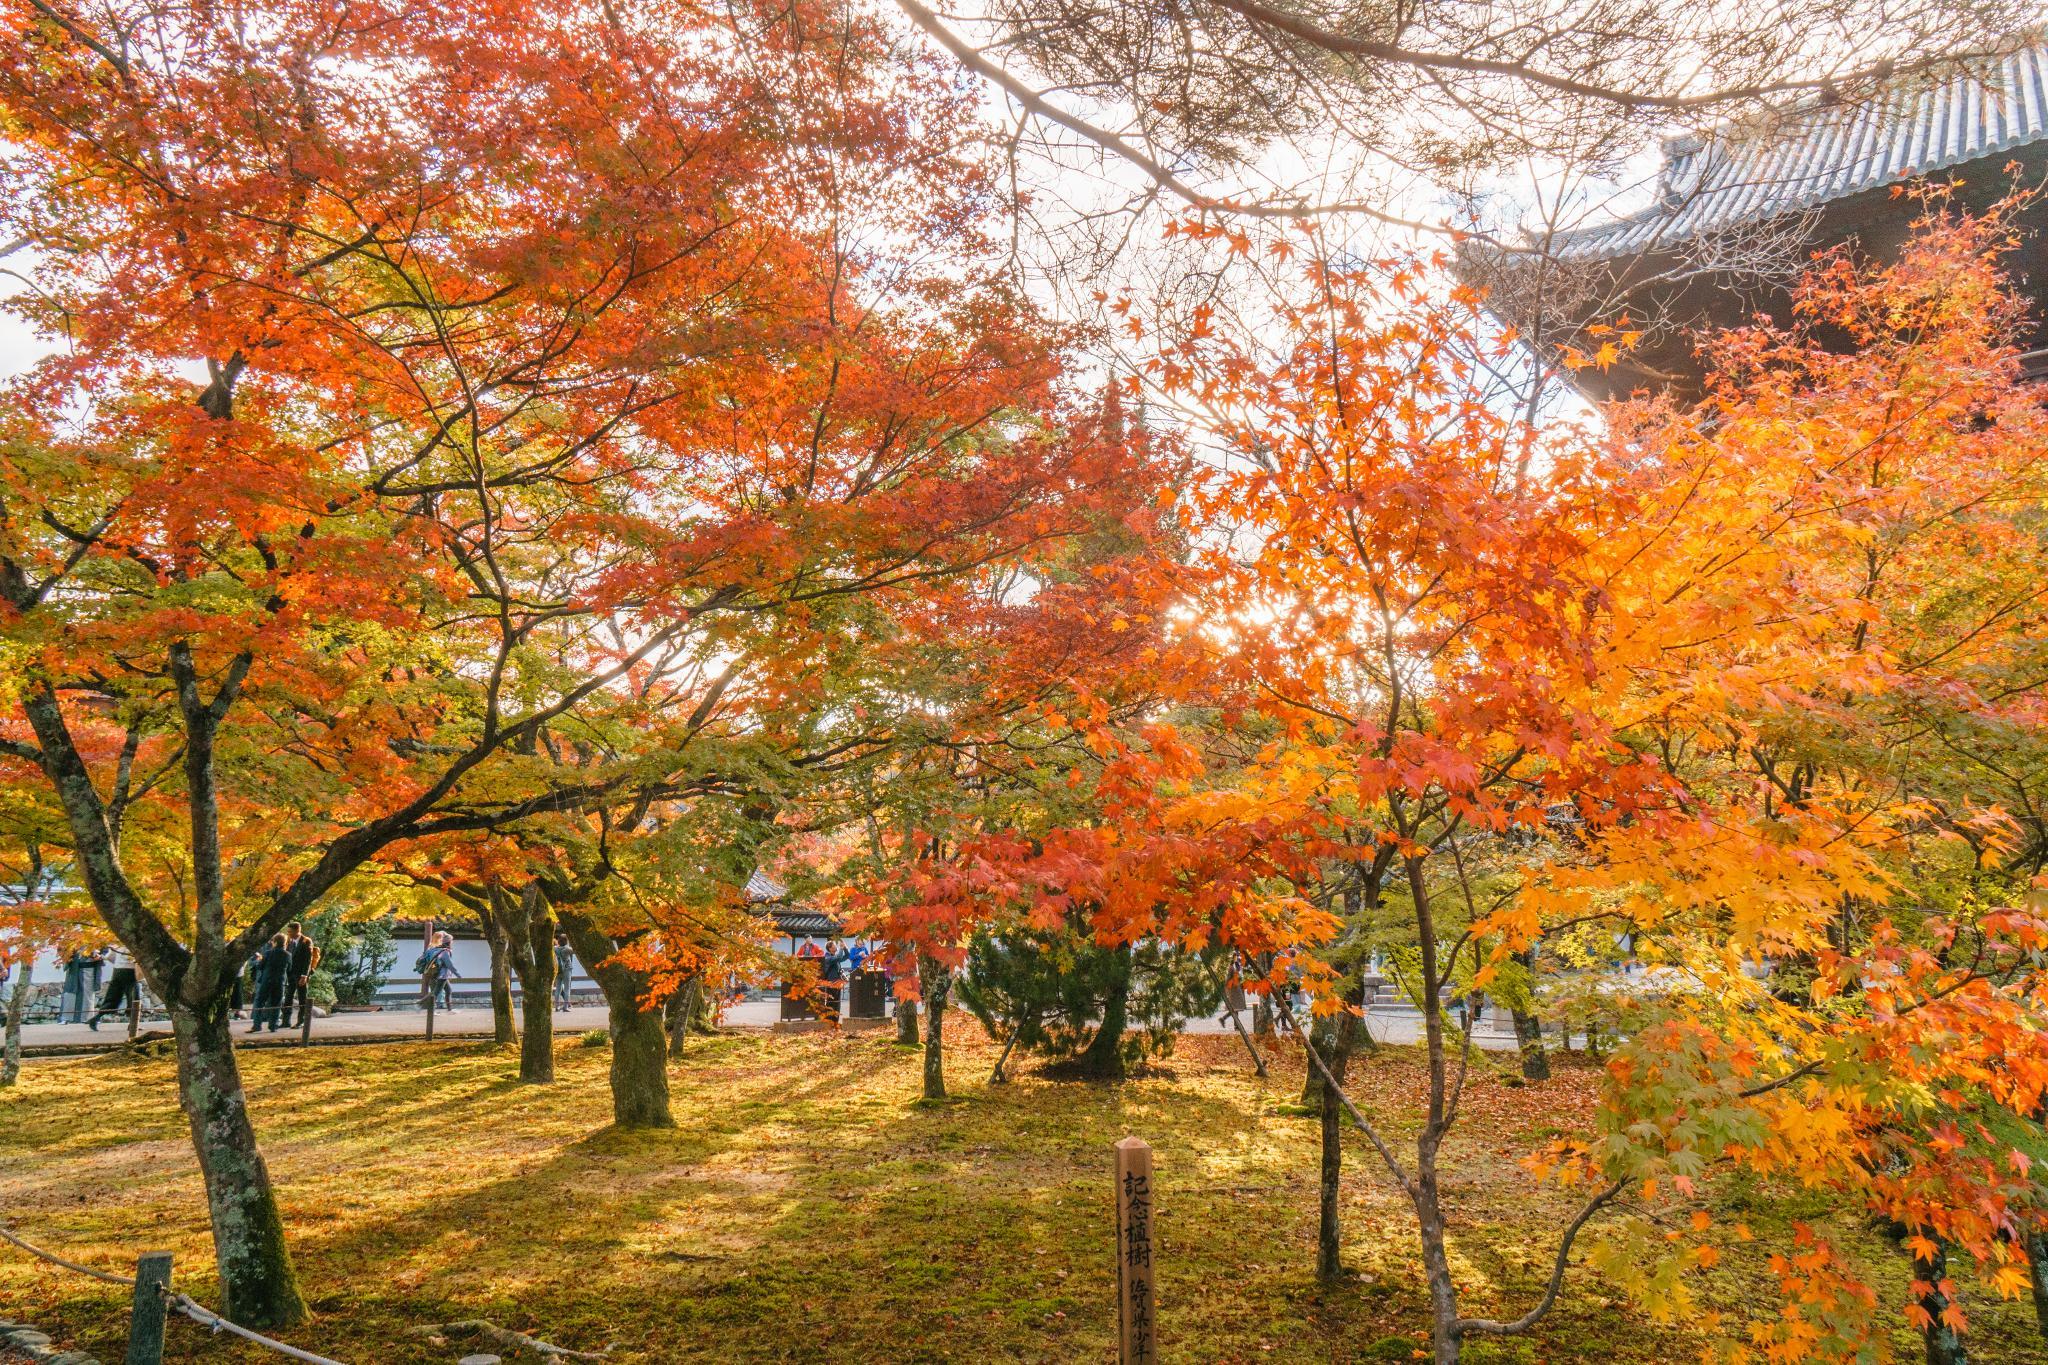 【京都】秋光葉影的古寺散策 - 南禪寺 84